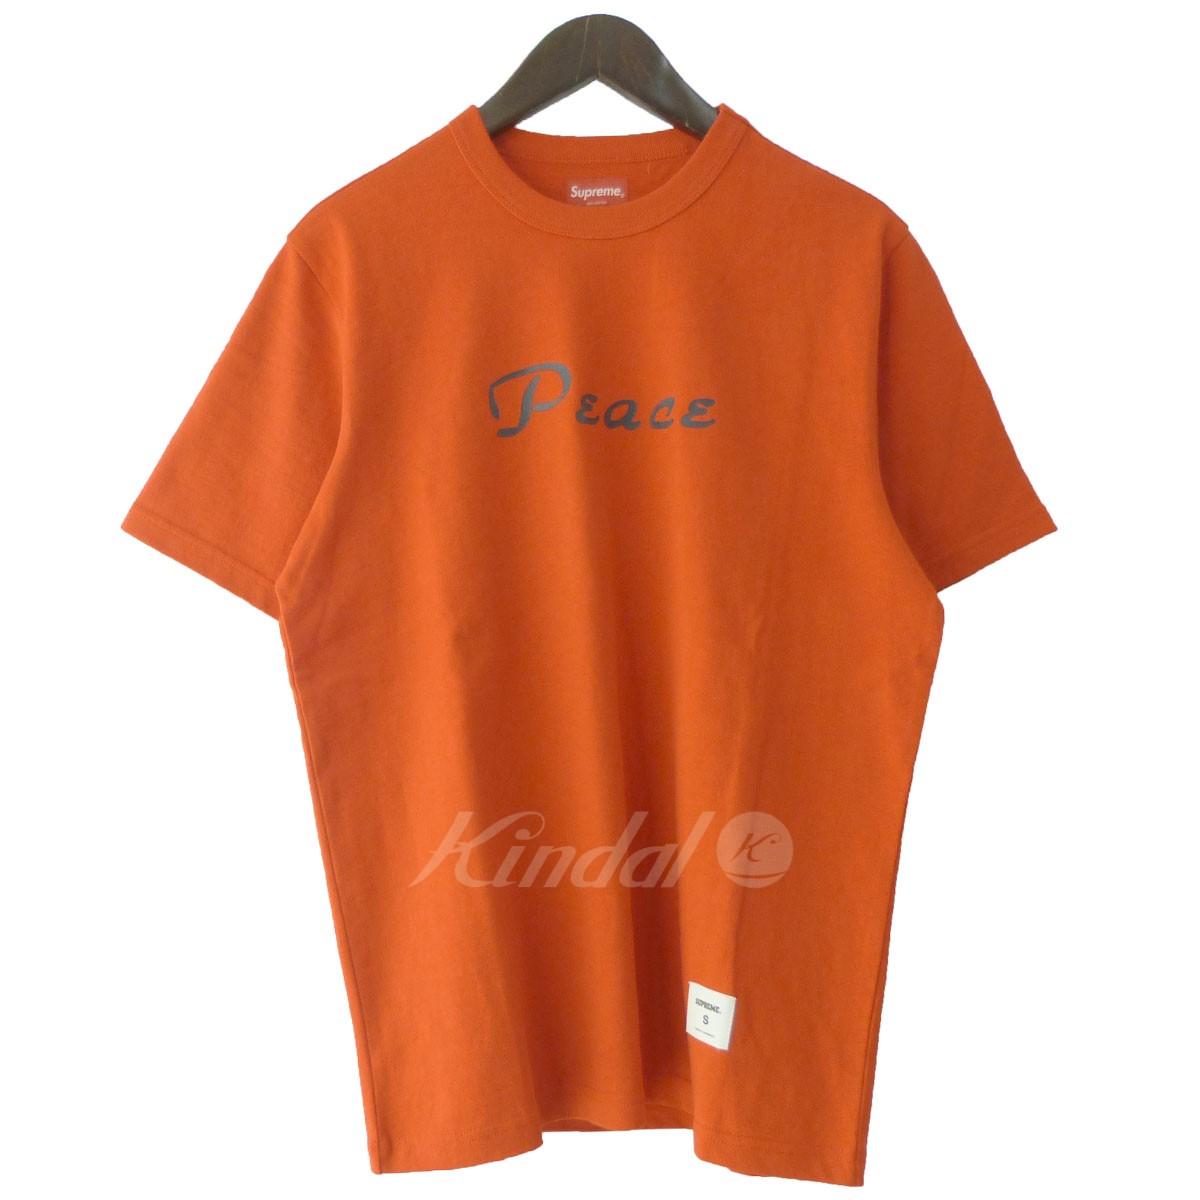 【中古】SUPREME '18AW 「Peace S/S Top」ピースTシャツ レッド サイズ:S 【送料無料】 【221018】(シュプリーム)